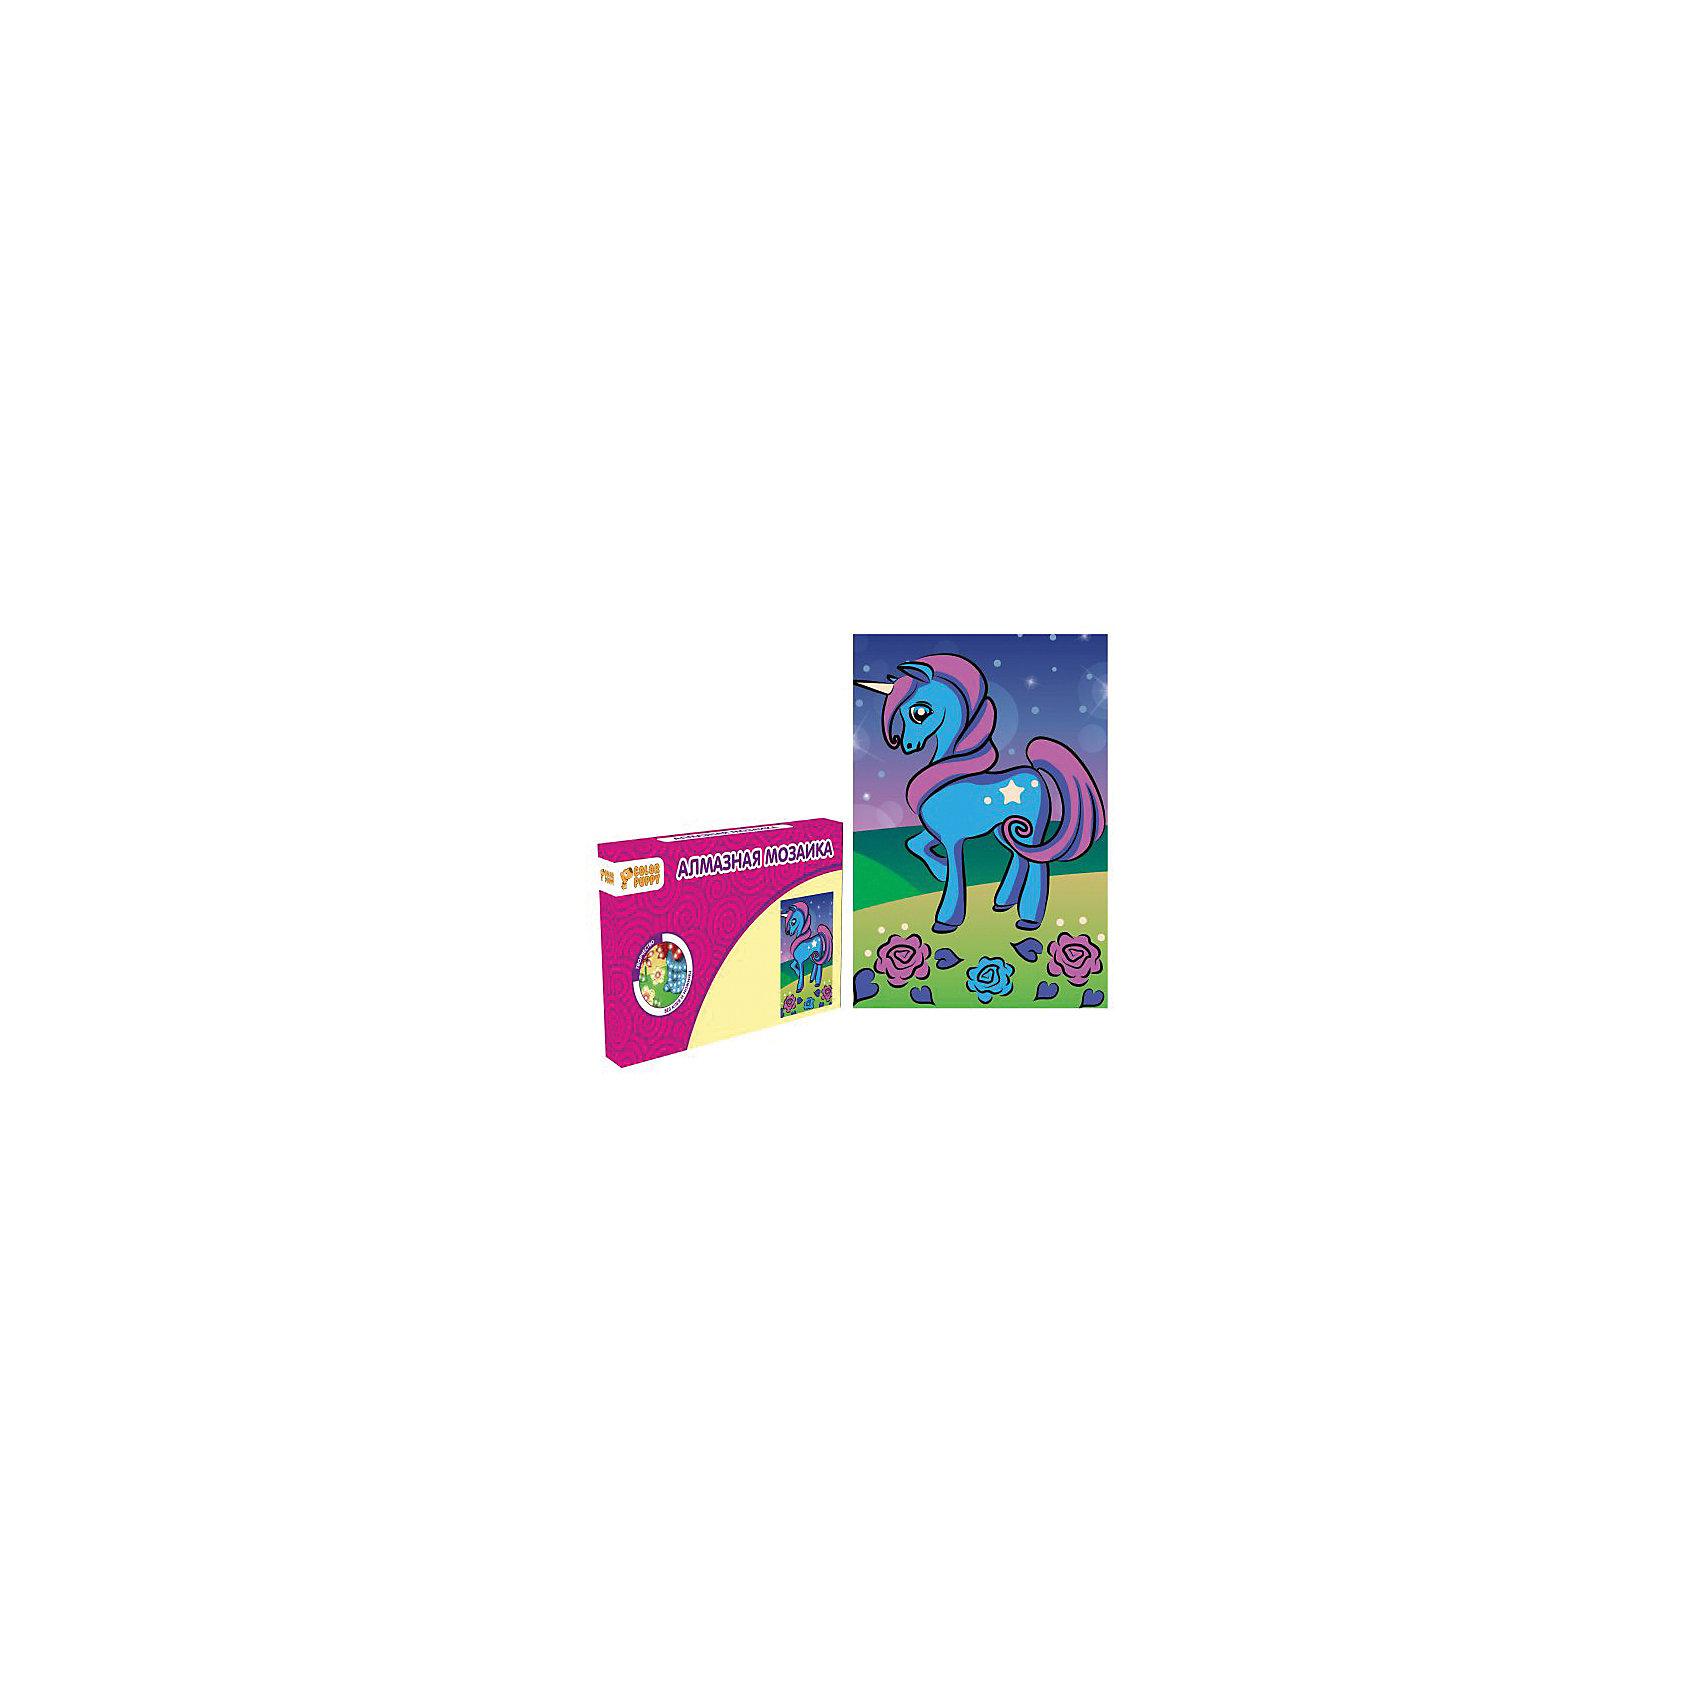 Набор для творчества Алмазная мозаика «Лошадка»Мозаика<br>Характеристики товара:<br><br>• материал: картон, полимерные материалы<br>• комплектация: картонная основа, подставка, стразы, емкость для страз, карандаш<br>• размер упаковки: 17х11х2 см<br>• упаковка: картонная коробка.<br>• возраст: от 5 лет<br>• для творчества<br>• страна бренда: Китай<br>• страна производства: Тайвань<br><br>Этот набор станет отличным подарком ребенку! Творчество - удачный способ занять детей. Это не только занимательно, но и очень полезно! С помощью набора ребенок сможет сам создать красивую картину - нужно всего лишь следовать инструкции! Это несложно и увлекательно, достаточно нанести небольшие стразы на рисунок - всё необходимое есть в наборе. Готовое изделие может стать подарком от ребенка на праздник для близких и родственников!<br>Такое занятие помогает детям развивать многие важные навыки и способности: они тренируют внимание, память, логику, мышление, мелкую моторику, творческие способности, а также усидчивость и аккуратность. Изделие производится из качественных сертифицированных материалов, безопасных даже для самых маленьких.<br><br>Набор для творчества Алмазная мозаика «Лошадка» от бренда Color Puppy можно купить в нашем интернет-магазине.<br><br>Ширина мм: 165<br>Глубина мм: 105<br>Высота мм: 20<br>Вес г: 81<br>Возраст от месяцев: 36<br>Возраст до месяцев: 108<br>Пол: Женский<br>Возраст: Детский<br>SKU: 5078347